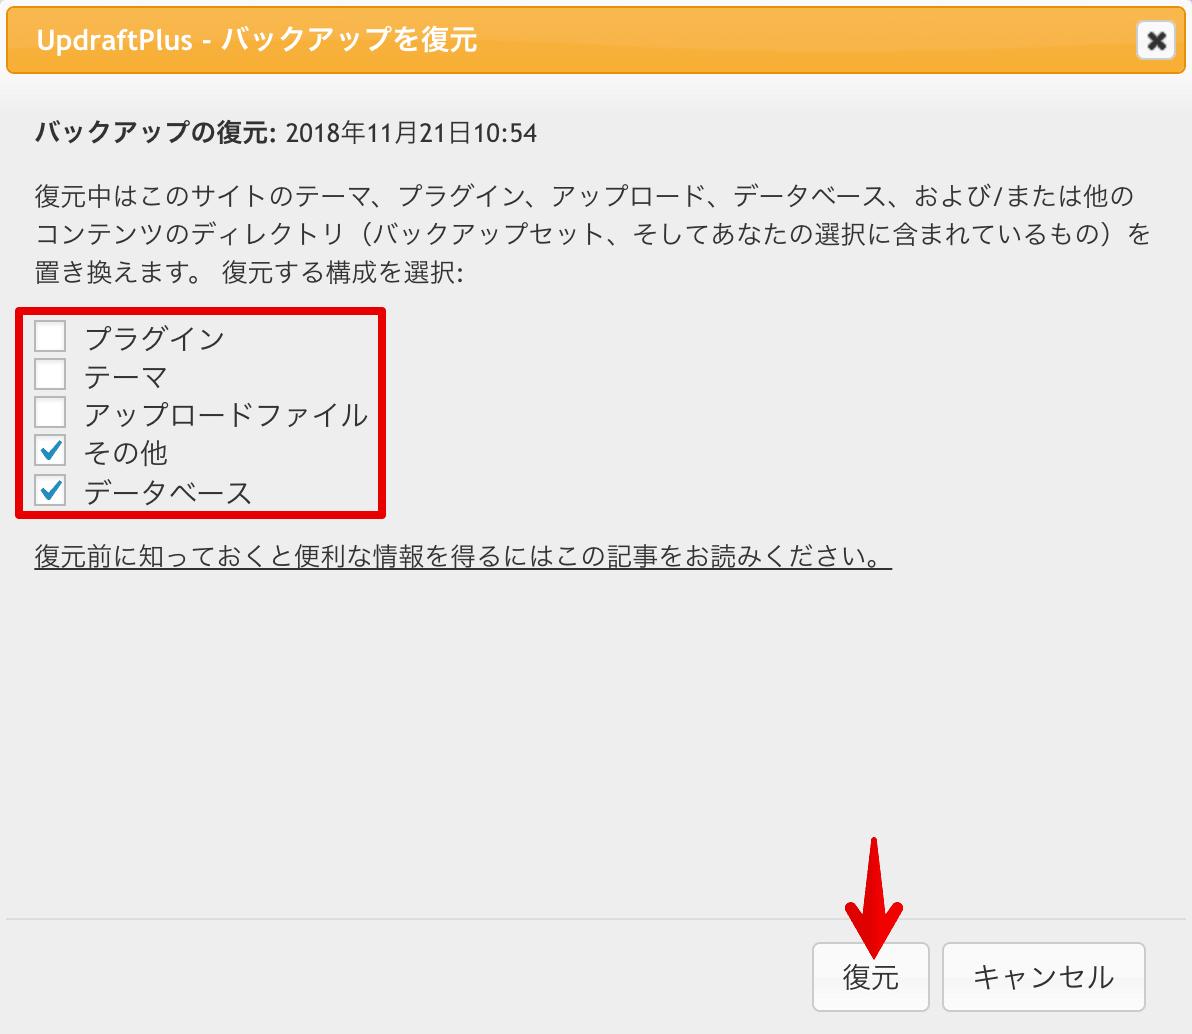 UpdraftPlus-Backup/Restore復元